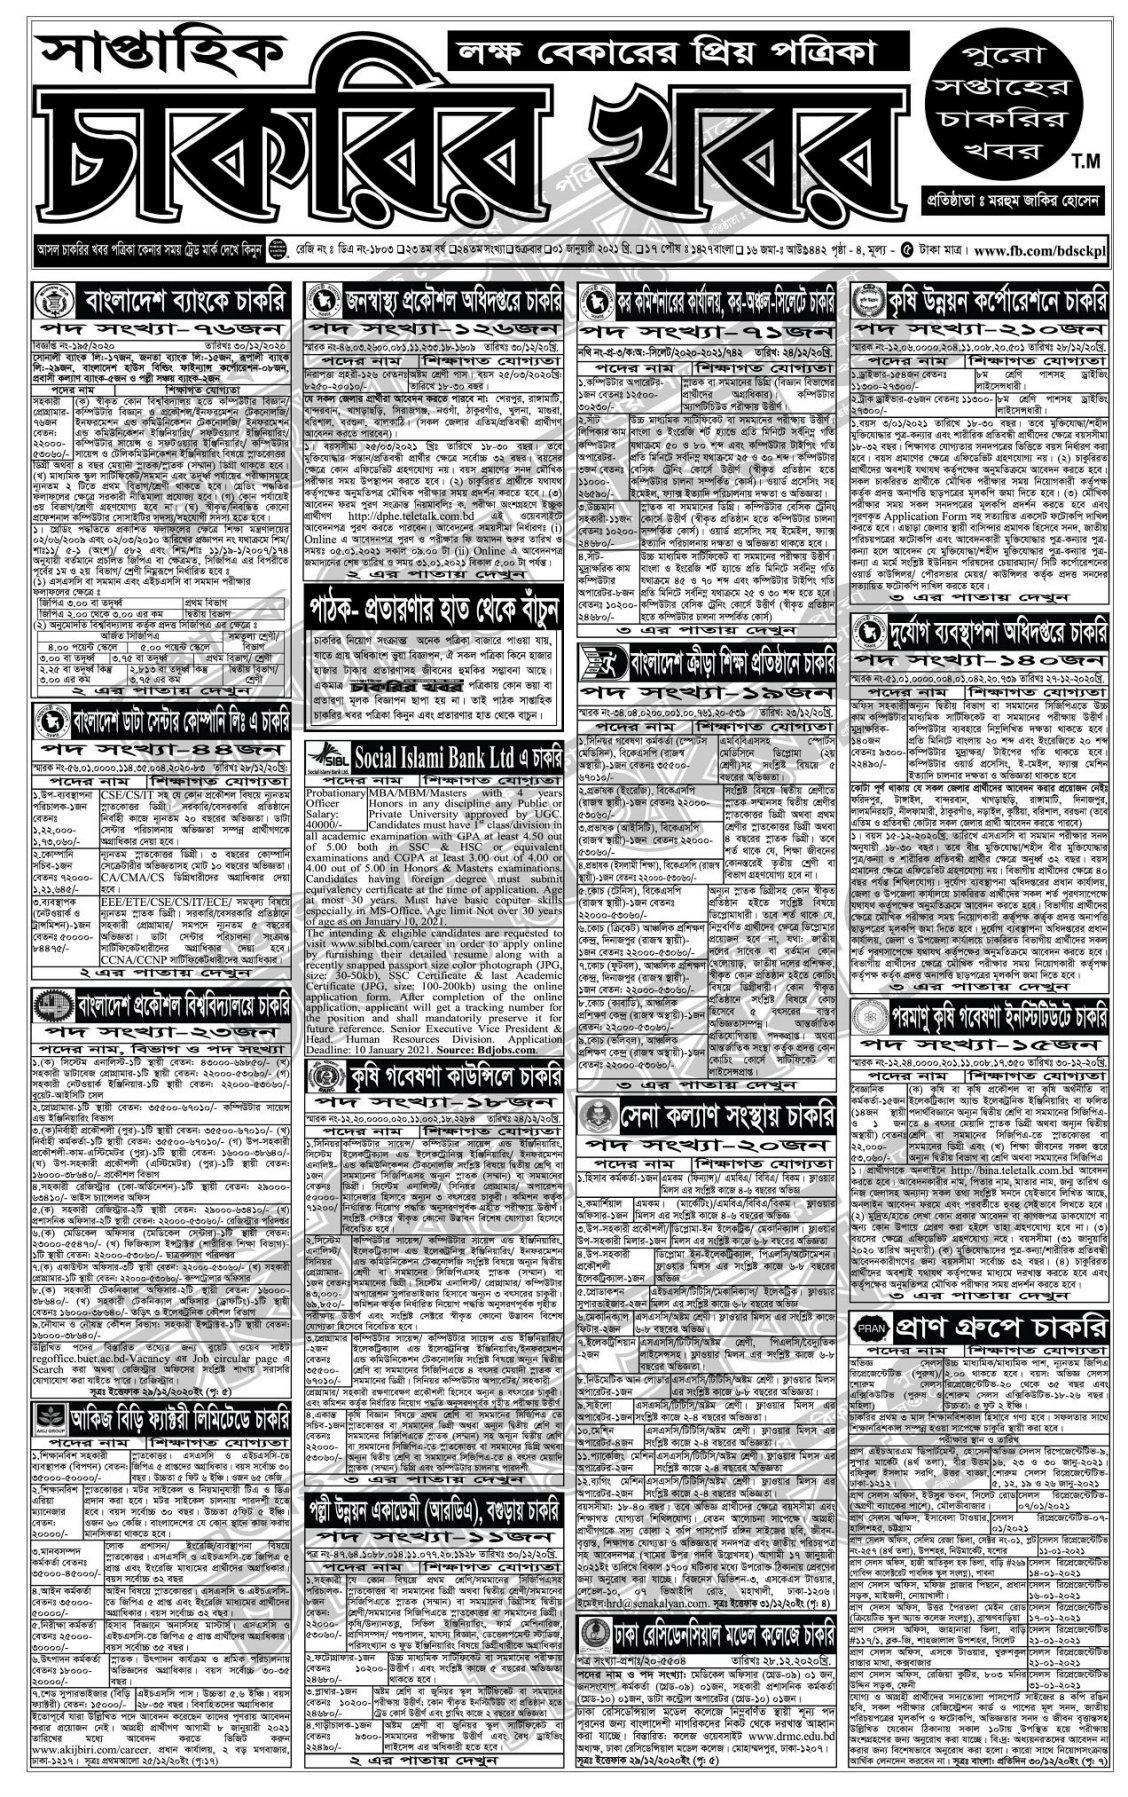 সাপ্তাহিক চাকরির খবর ১/১/২০২১   সাপ্তাহিক চাকরির খবর ১ জানুয়ারি ২০২১ PDF